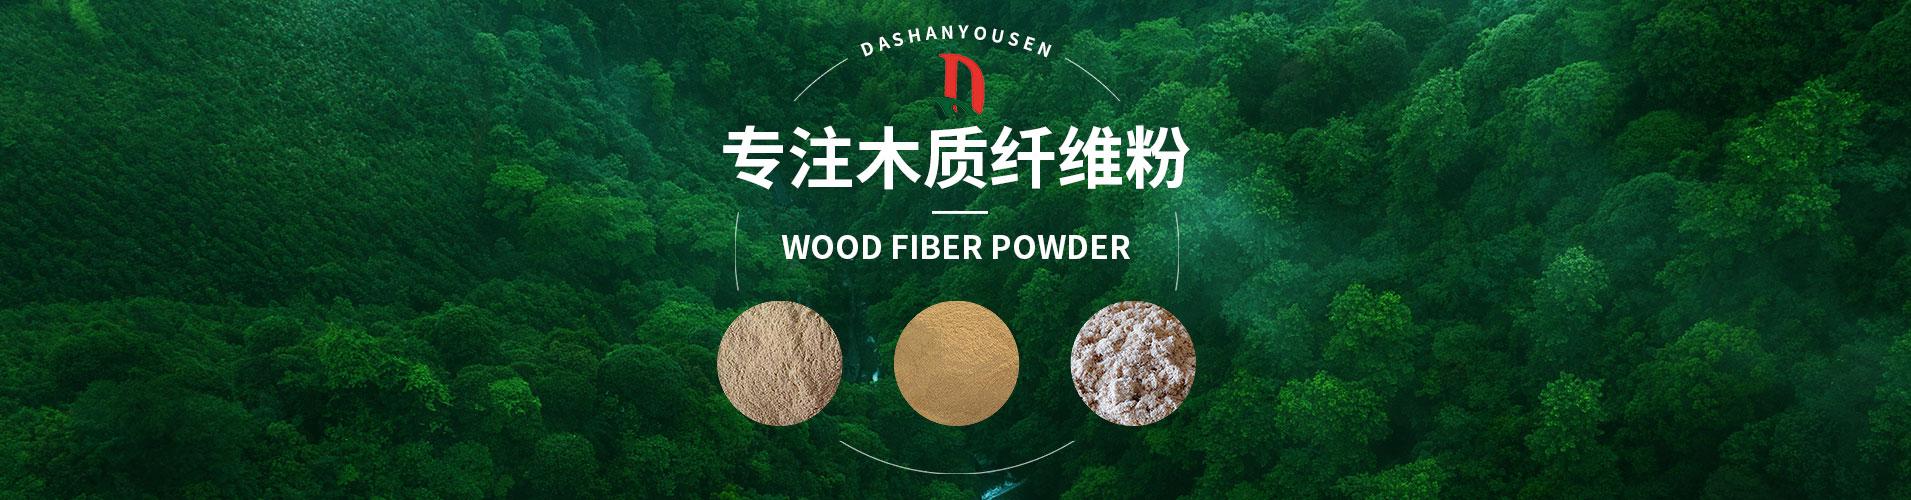 專注木質纖維粉